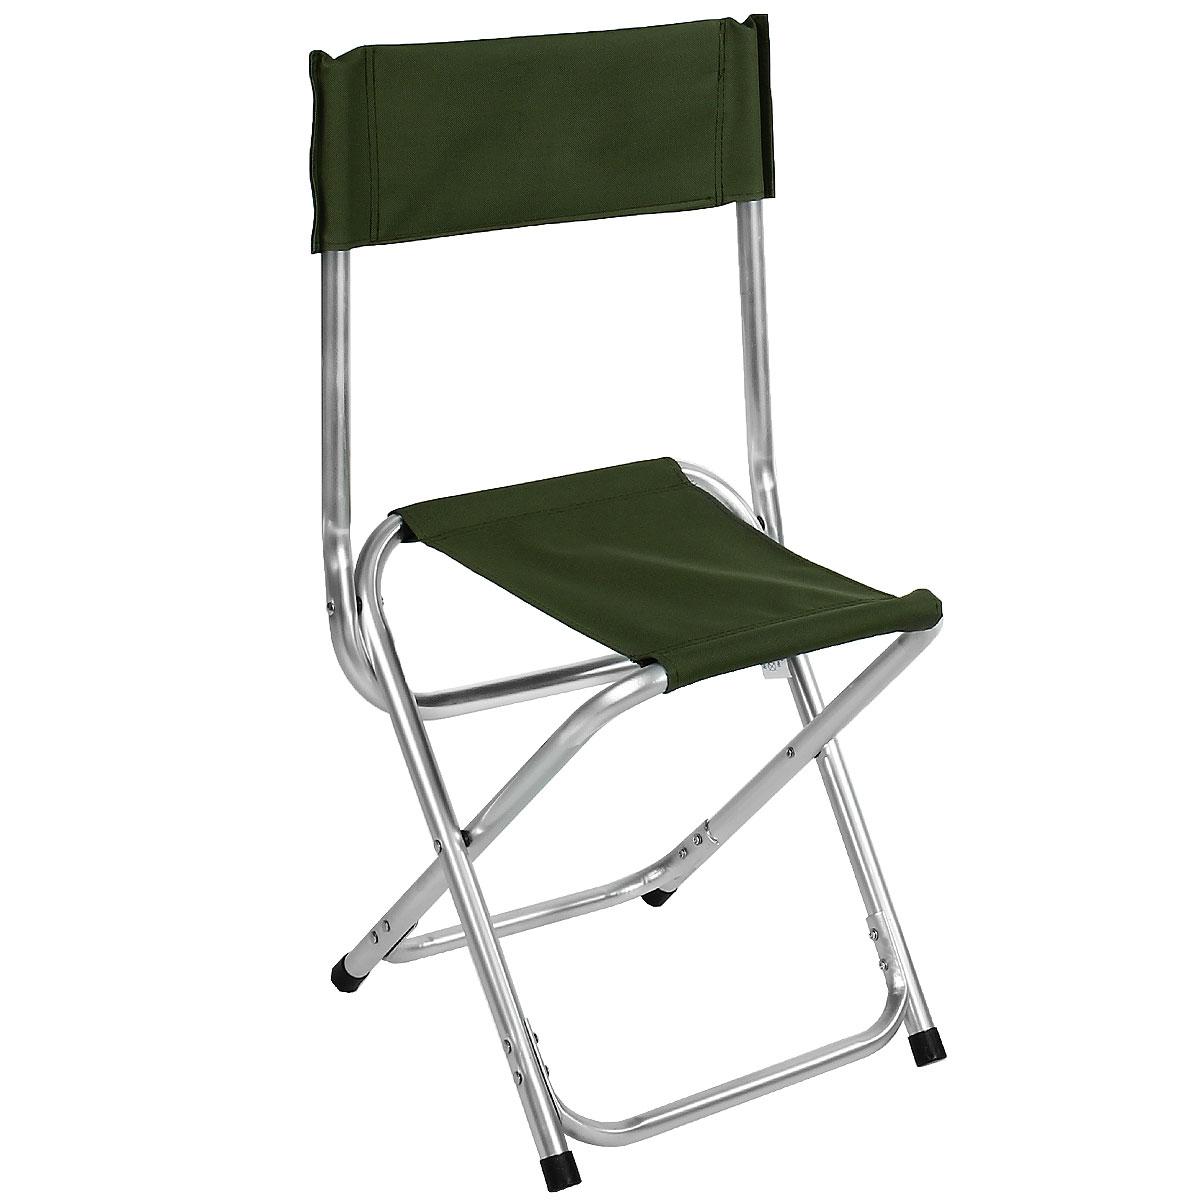 Стул складной Happy Camper, цвет: темно-зеленыйNF-20602Стул складной Happy Camper - это незаменимый предмет походной мебели, очень удобен в эксплуатации. Каркас стула изготовлен из прочного и долговечного алюминиевого сплава, устойчивого к погодным условиям, и оснащенный простым и безопасным механизмом регулировки и фиксации. Стул легко собирается и разбирается и не занимает много места, поэтому подходит для транспортировки и хранения дома. Складное кресло прекрасно подойдет для комфортного отдыха на даче или в походе.Высота от пола до сидения: 40 см.Материал: 600D ПВХ, каркас - алюминий, диаметром 19 мм.Размеры стула в сложенном состоянии: 42 см х 38 см х 31 см.Максимальная нагрузка: 60 кг.